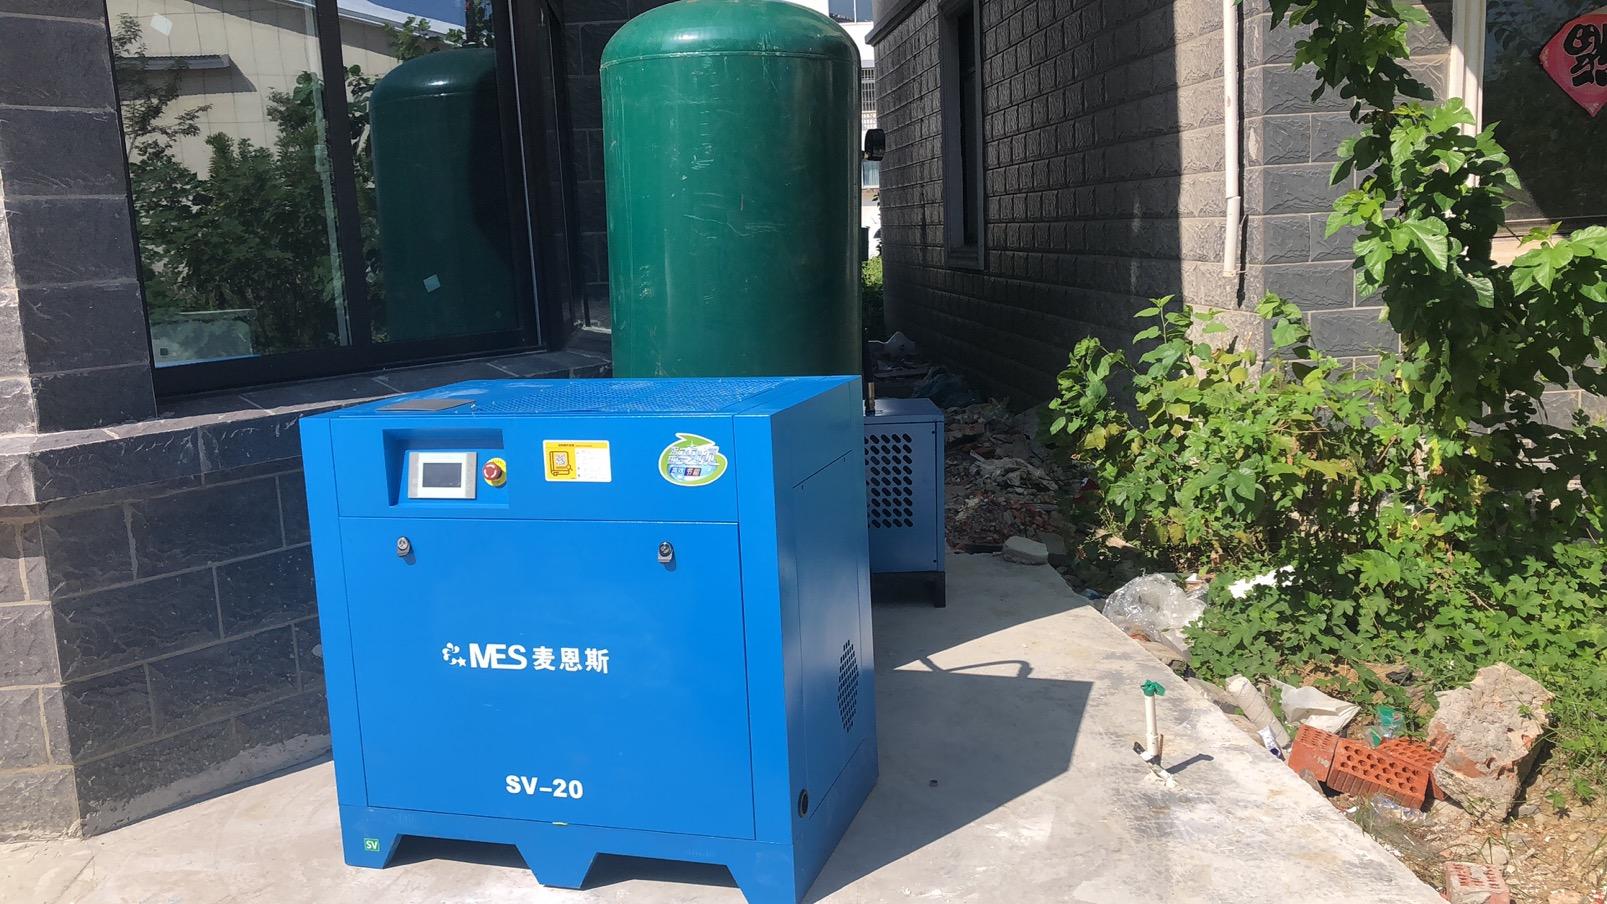 生物发酵领域应选择什么类型的空压机?